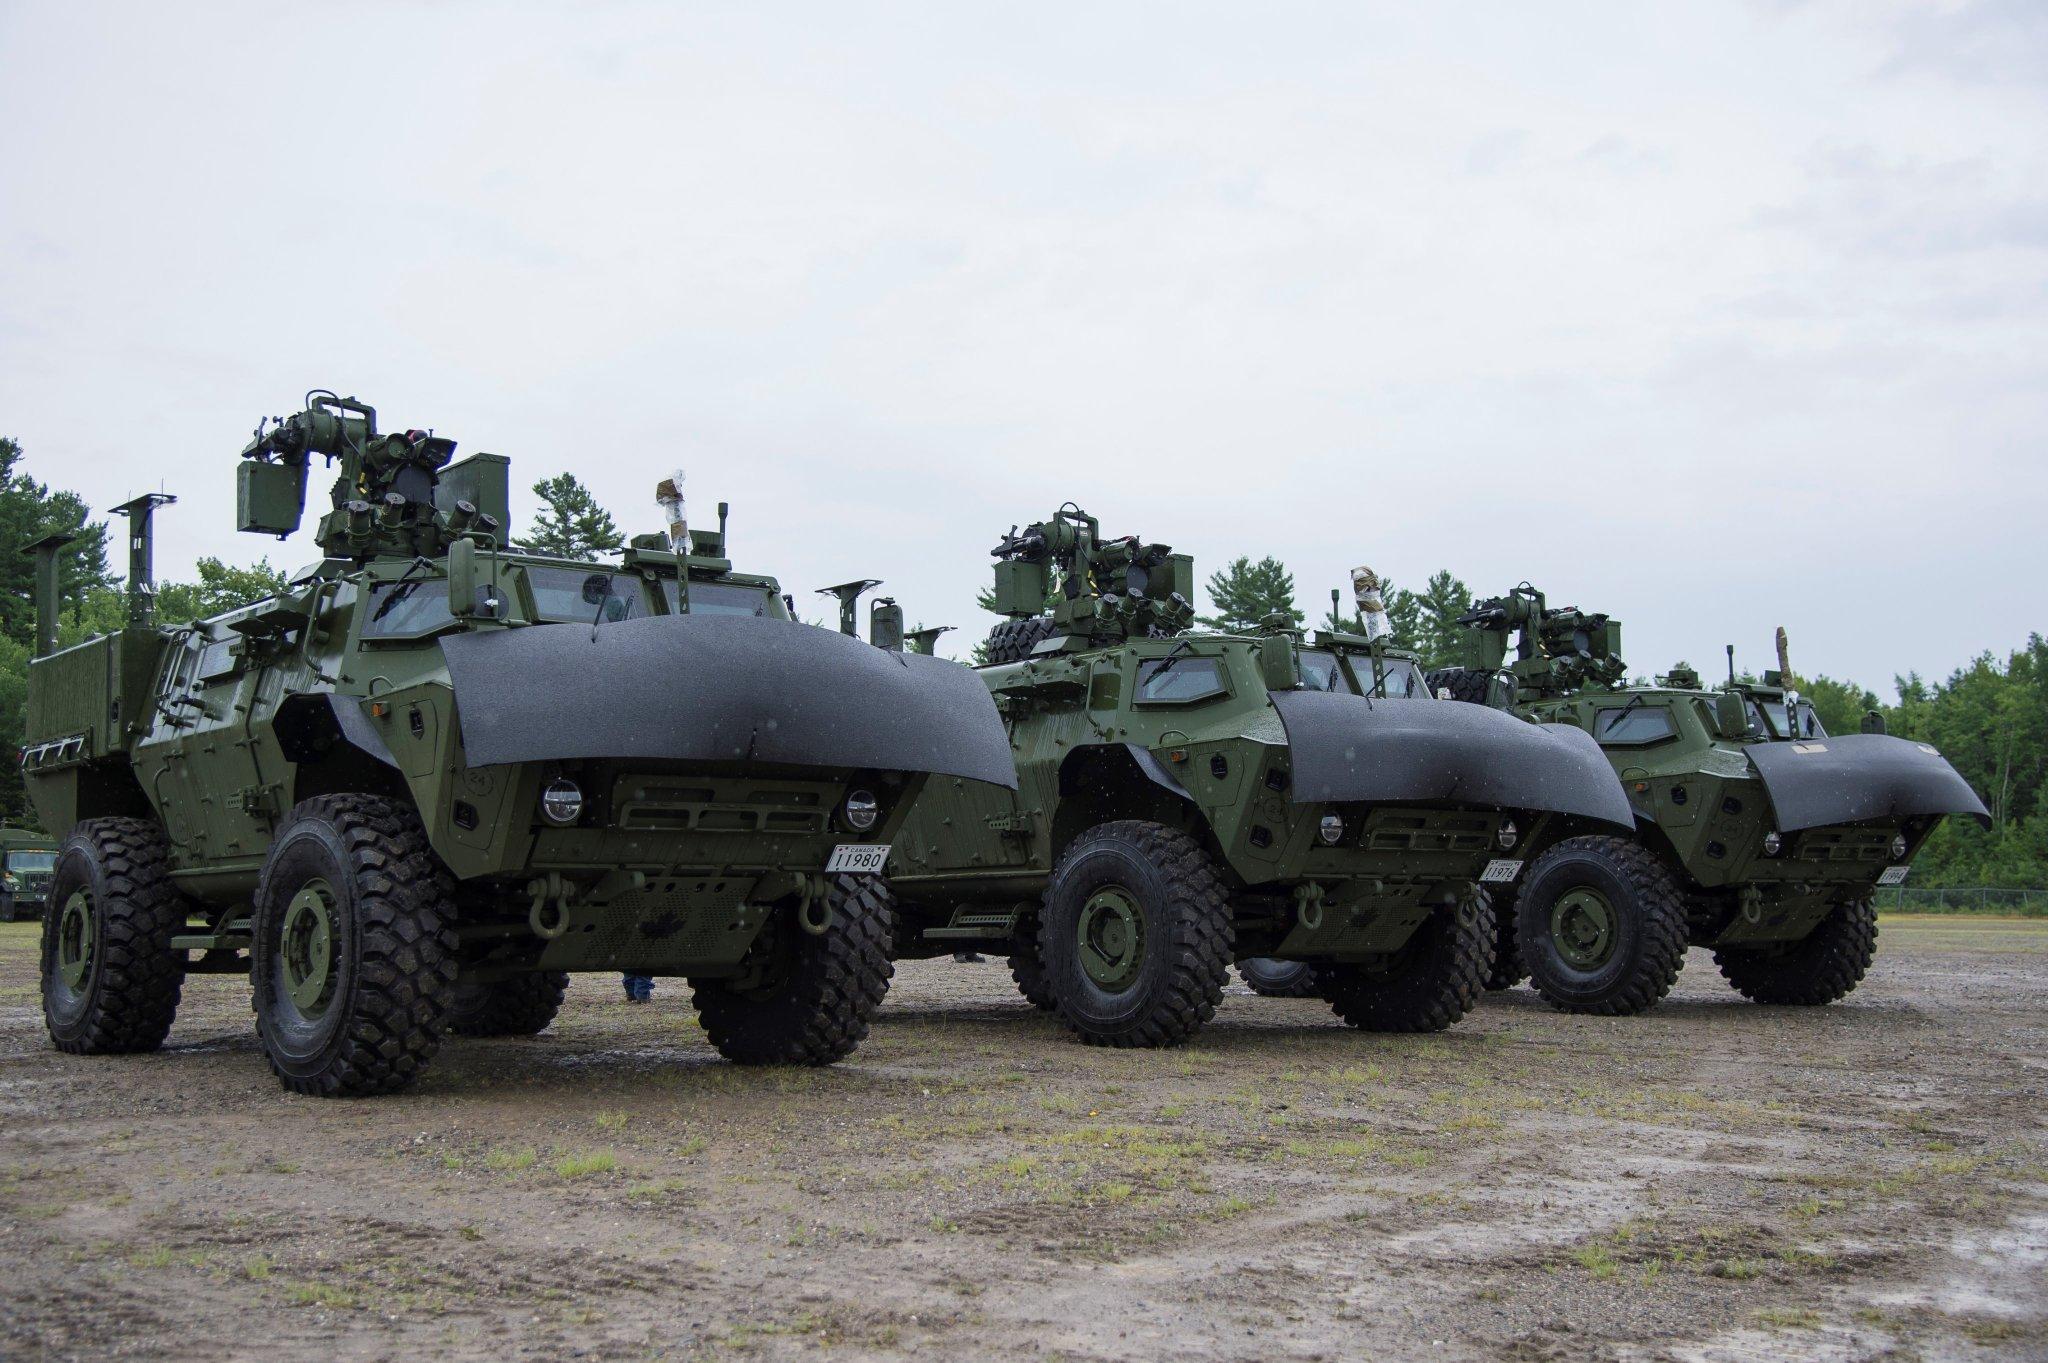 Первые разведывательно-патрульные бронированные машины Textron TAPV, полученные канадской армией. Гейджтаун (Канада), 12.08.2016.